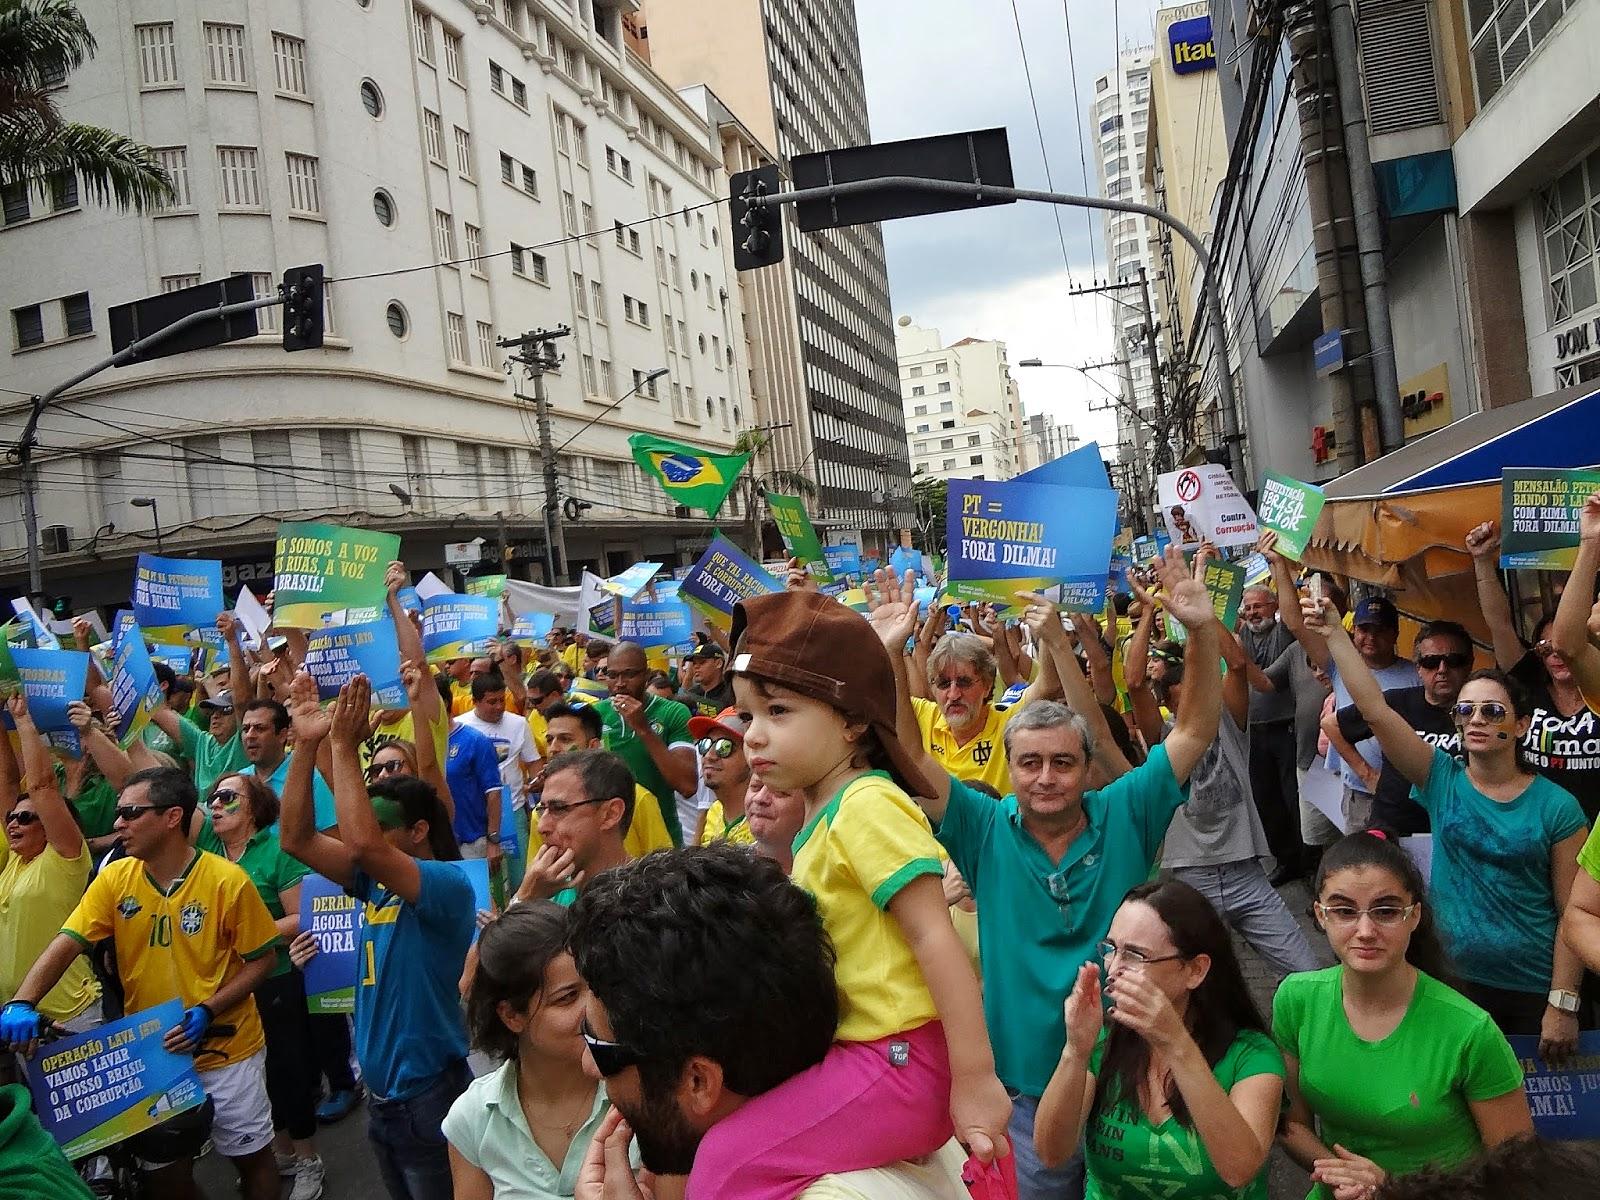 Fotos e vídeos dos protestos anti-PT em Campinas no dia 15 de março de 2015.